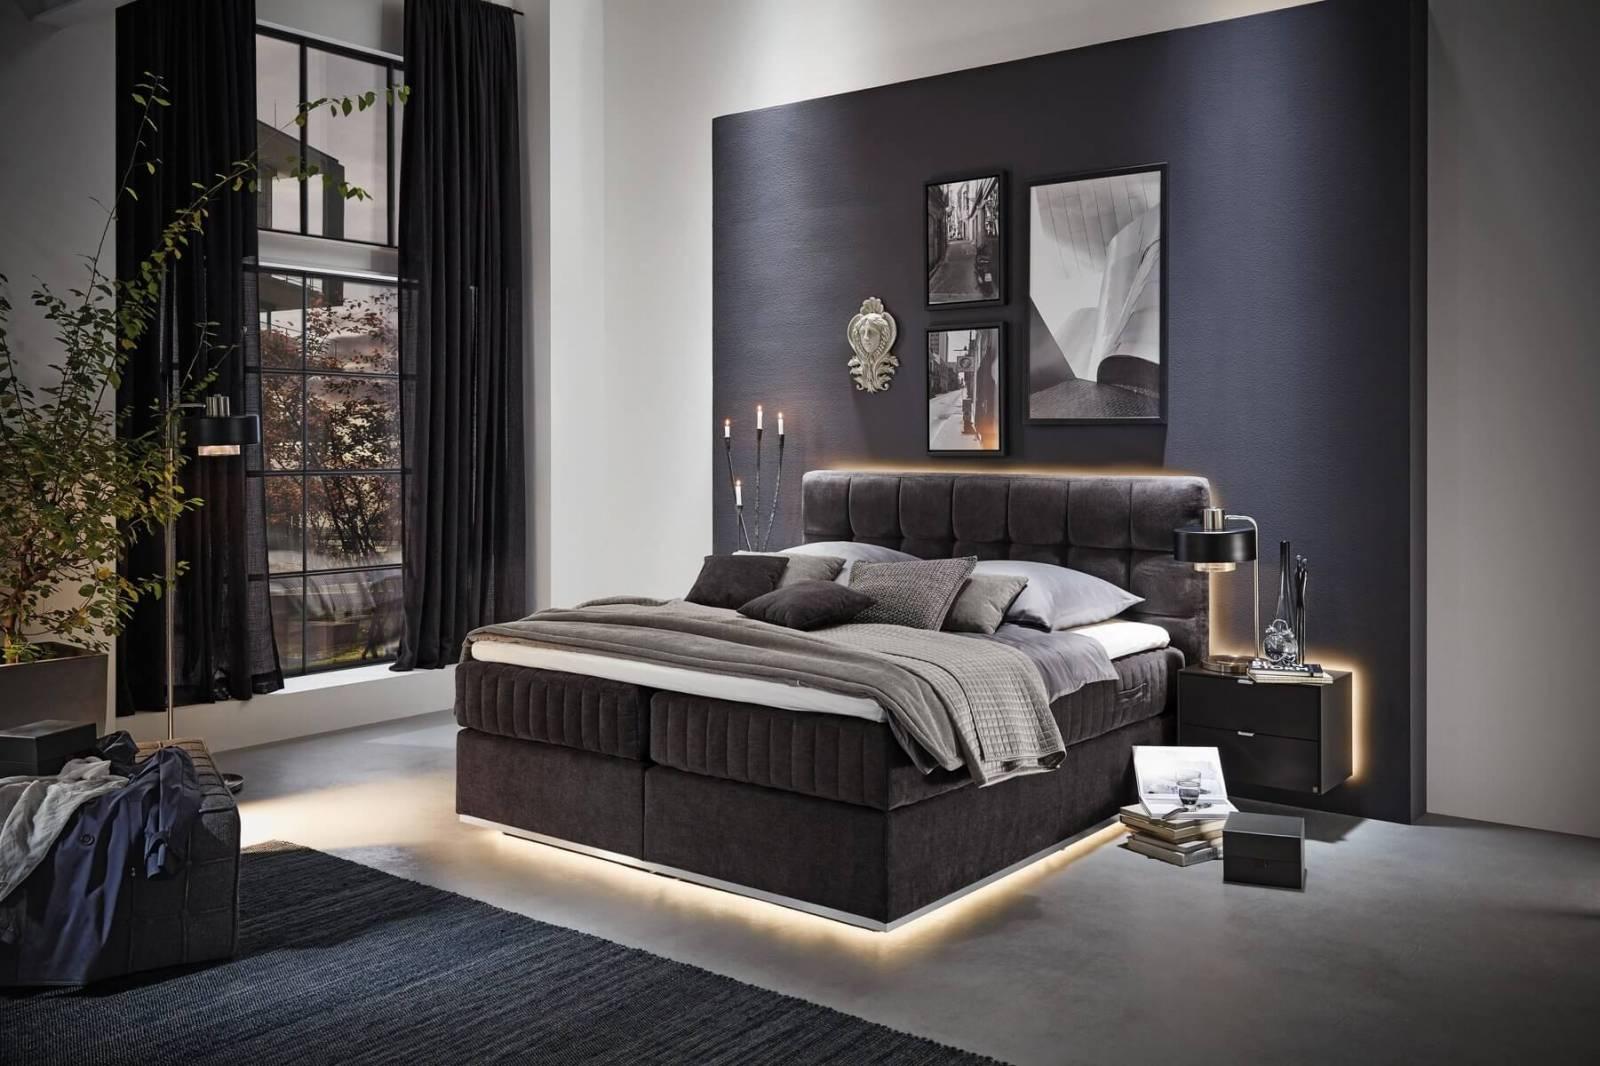 Quelles couleurs dans ma chambre à coucher ? - Magasin de meubles